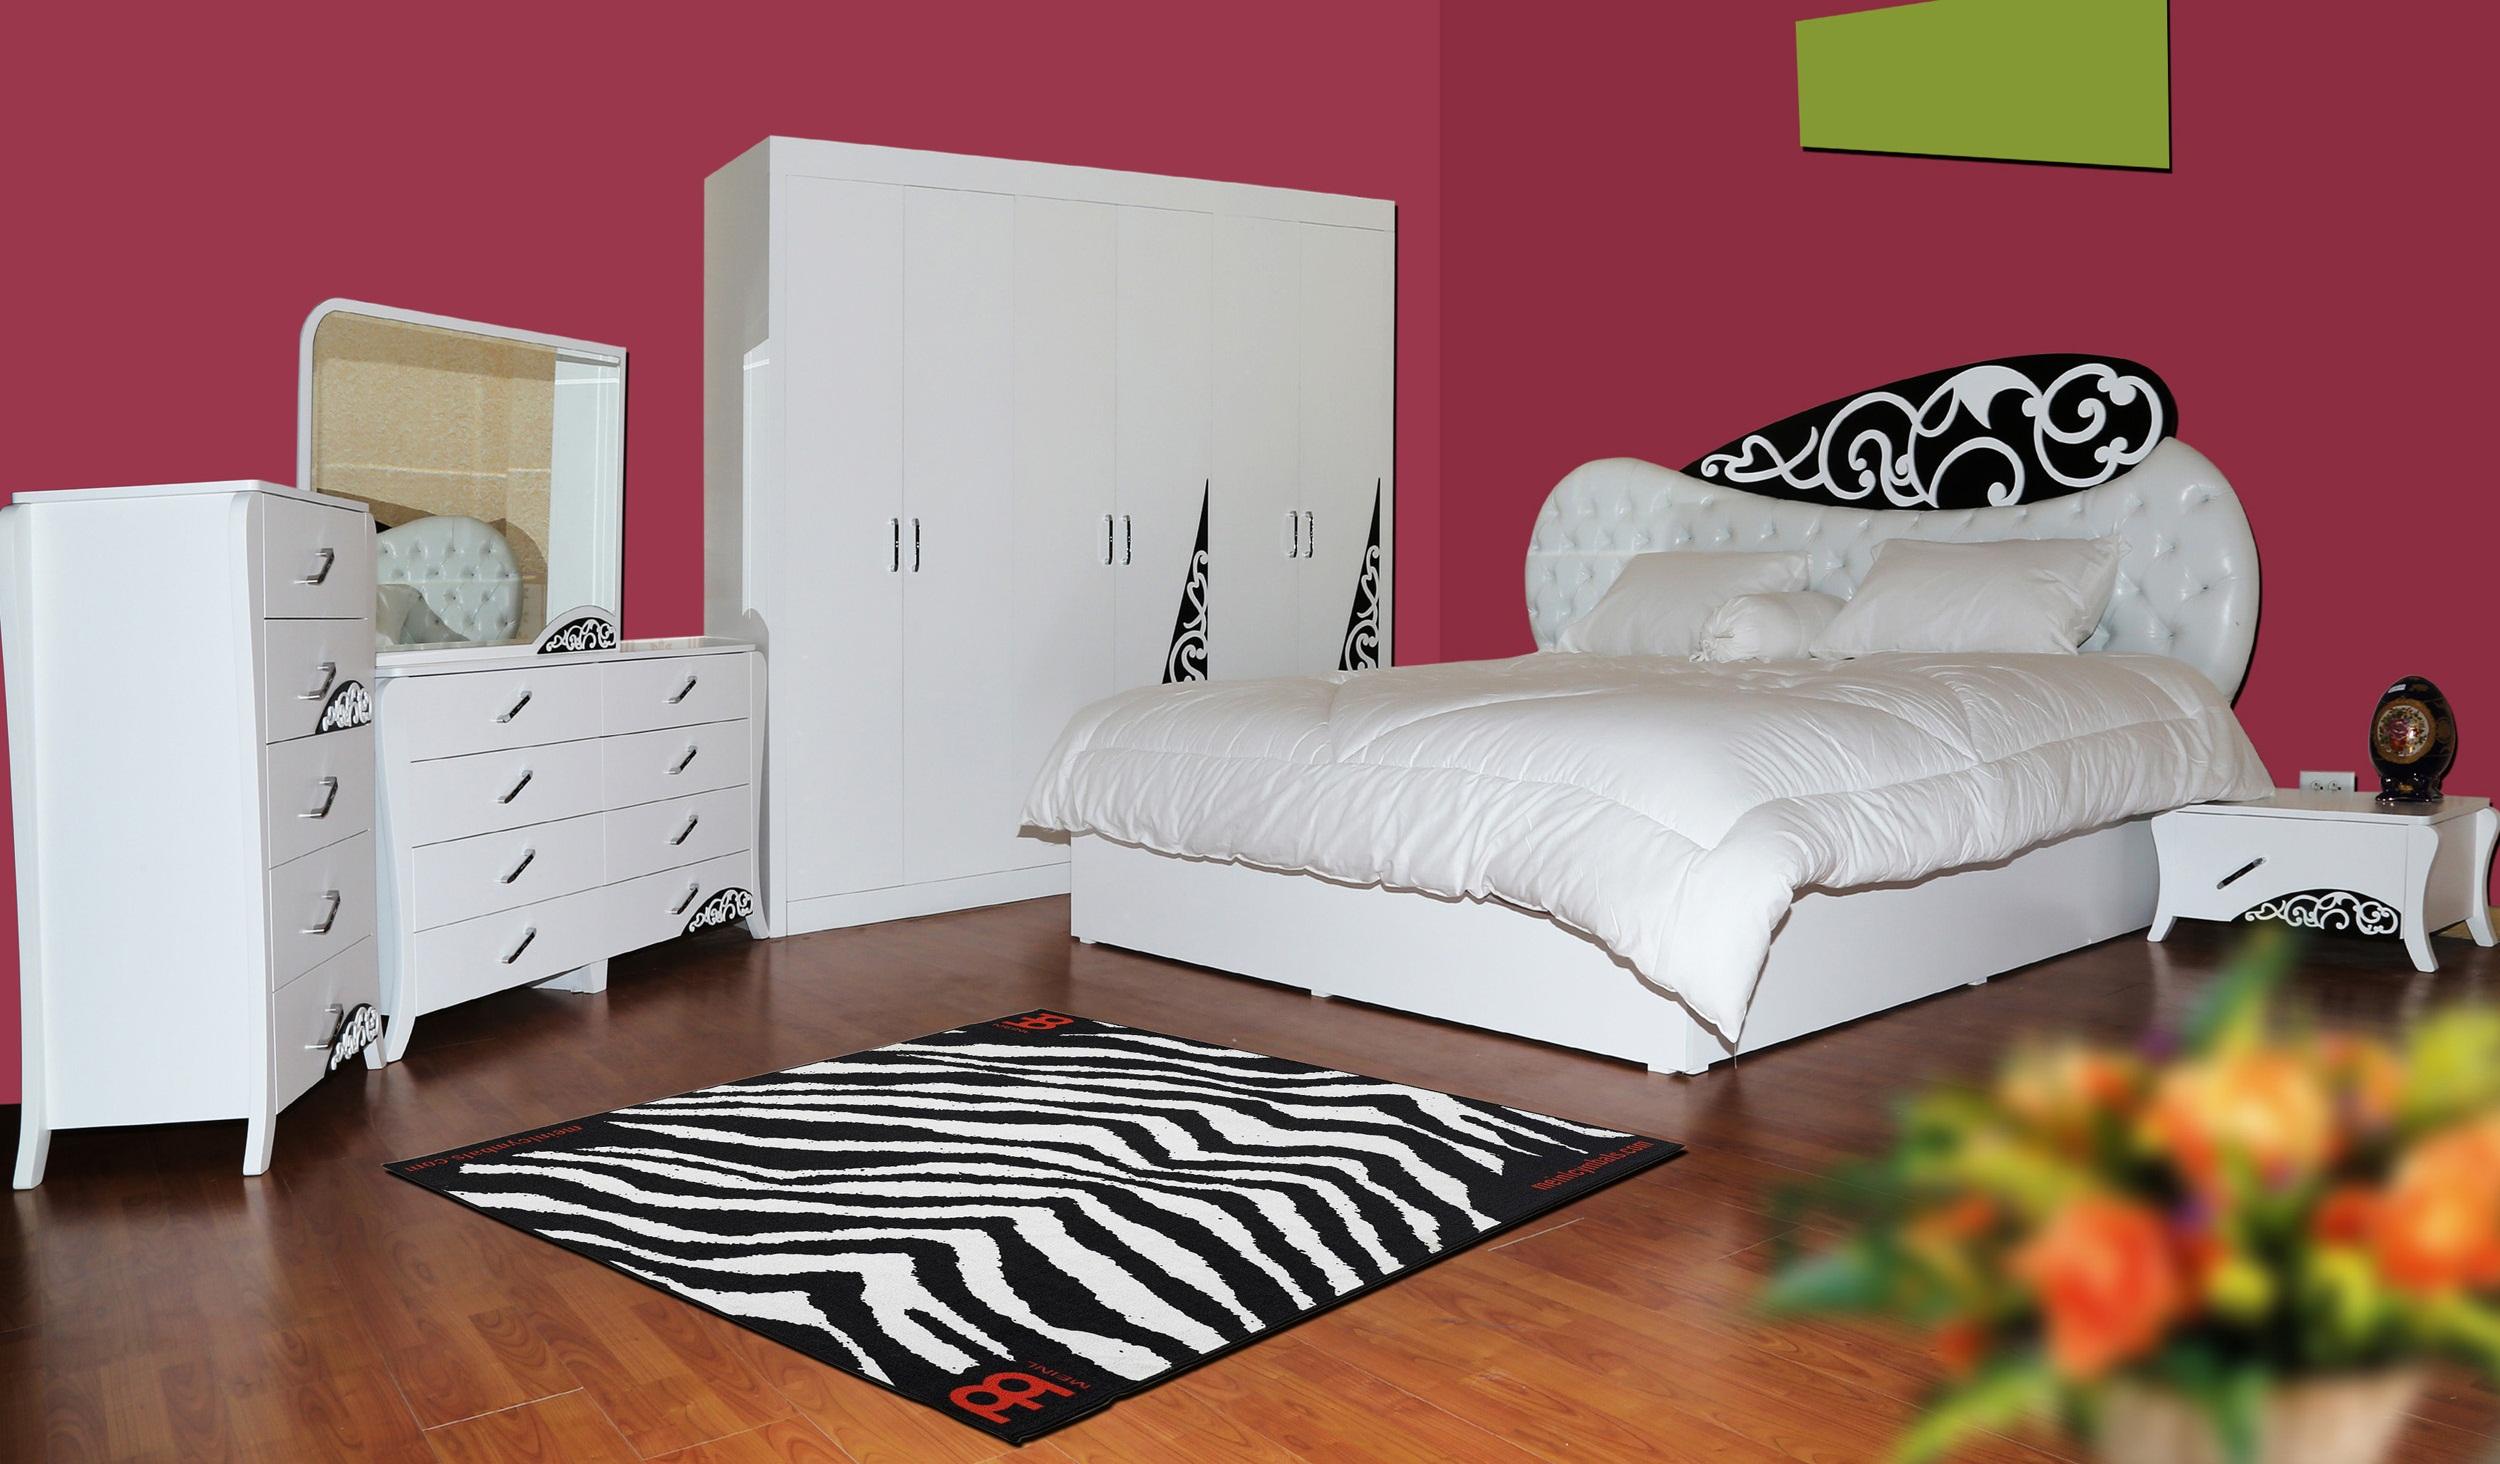 اشكال غرف نوم السريع بسيطة | المرسال